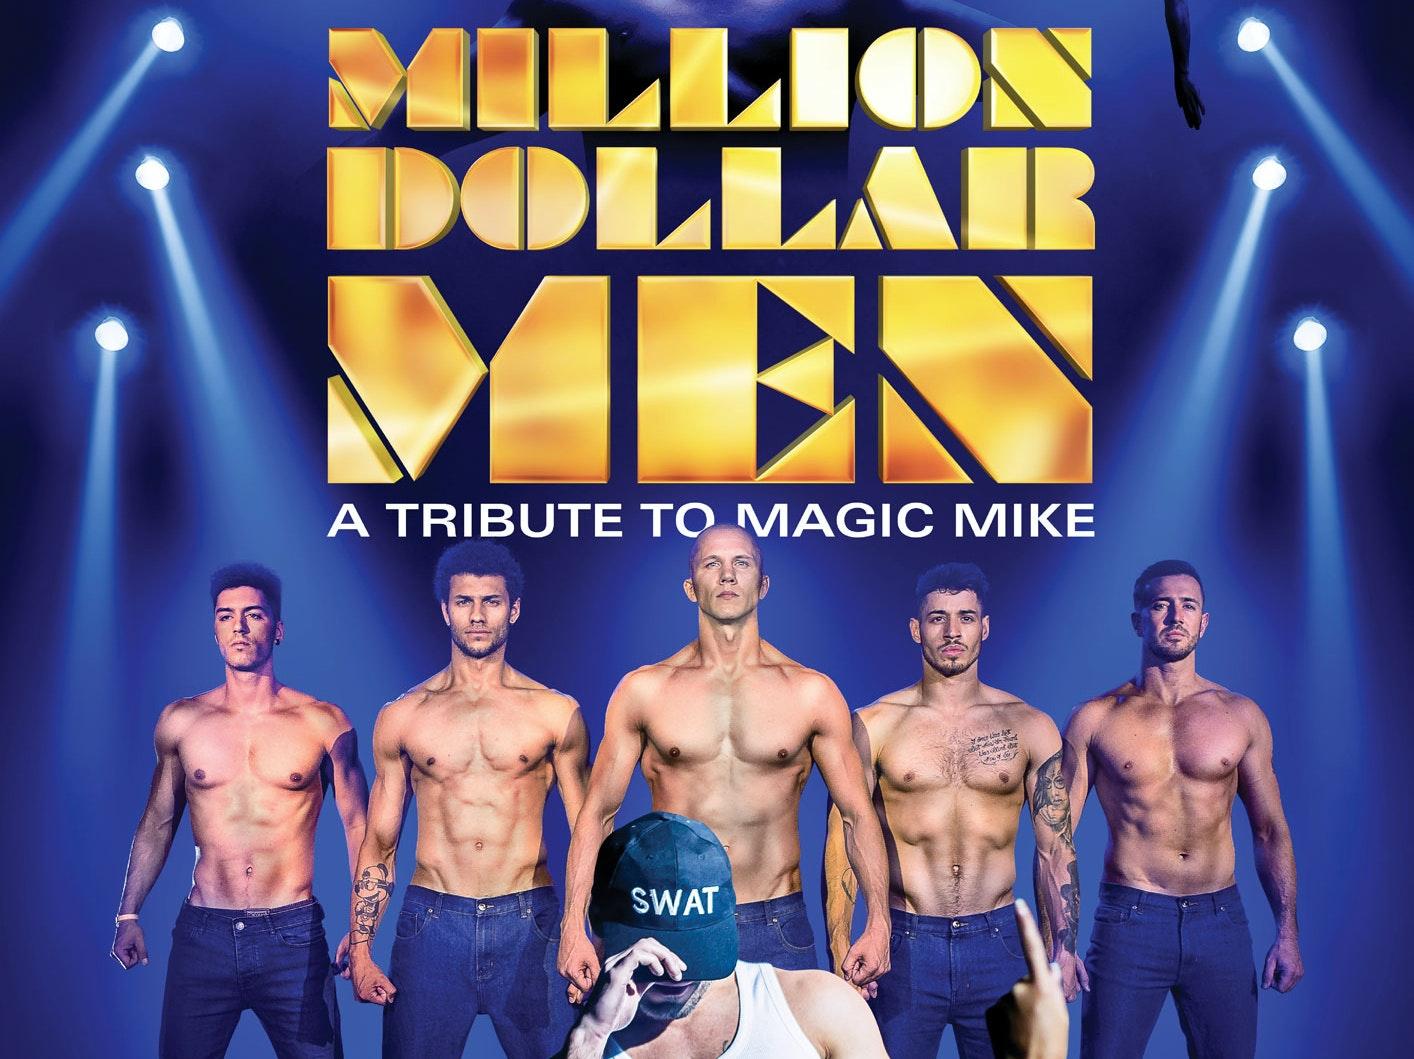 Million dollar dates